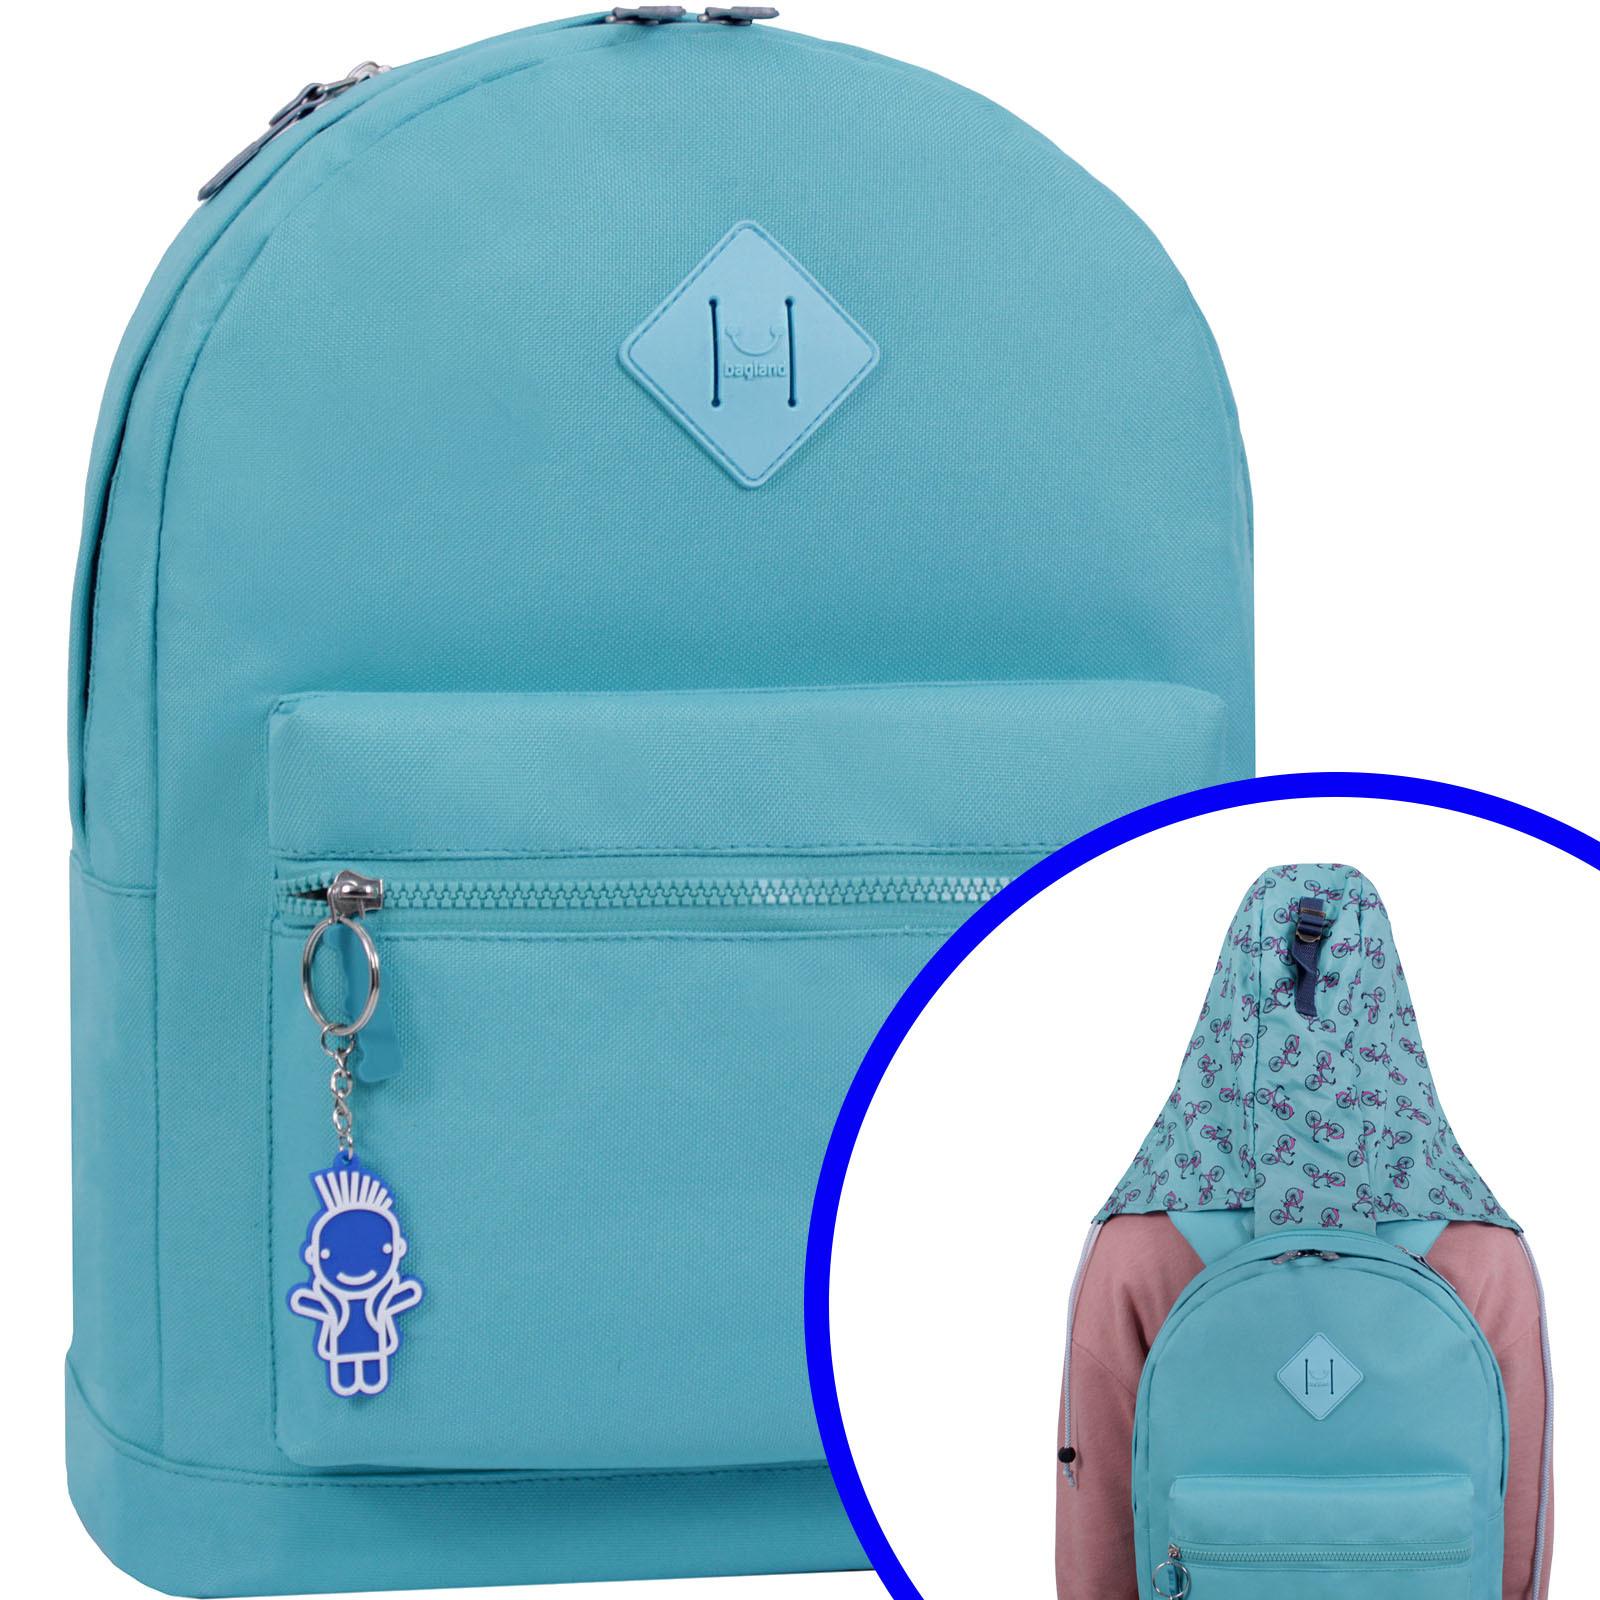 Городские рюкзаки Рюкзак Bagland Hood W/R 17 л. бирюза 446 (0054466) Вариант_5.jpg